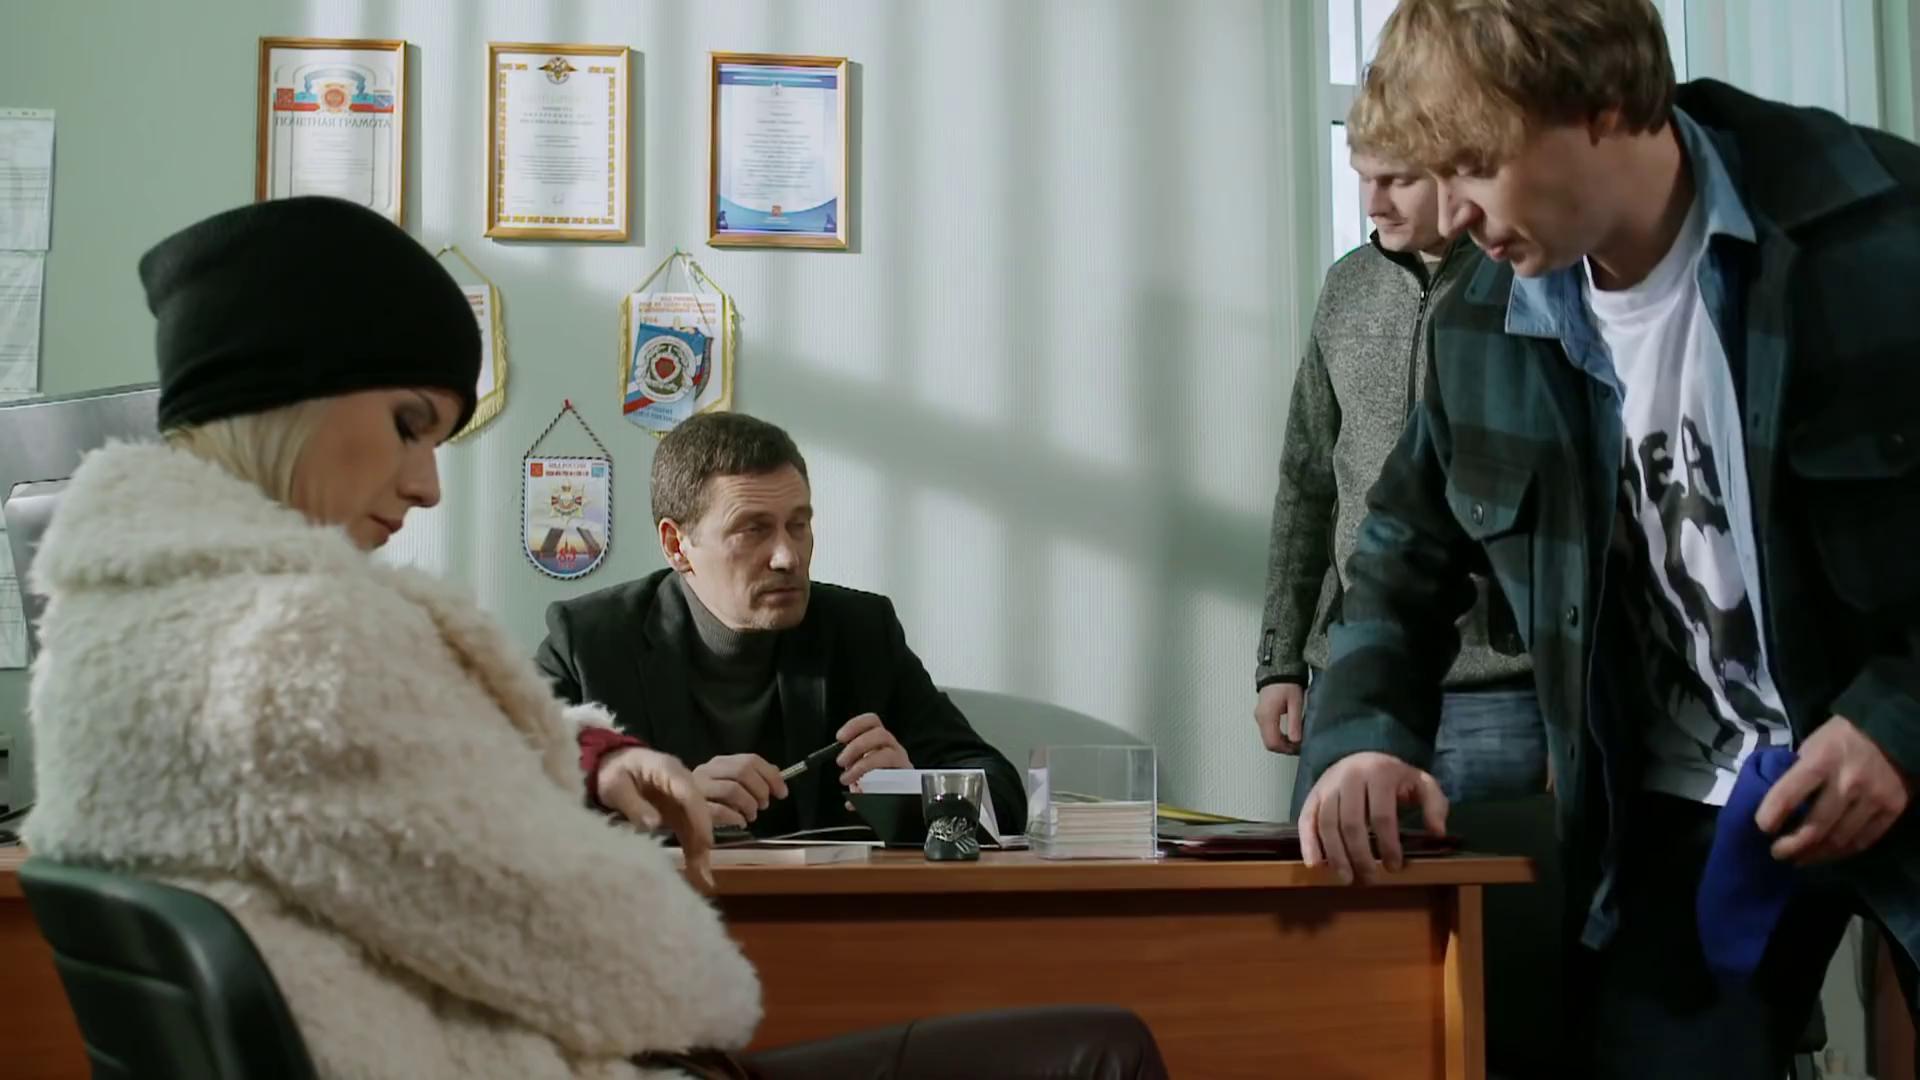 Русских фильмы женщины в беде, порно женский оргазм домашний